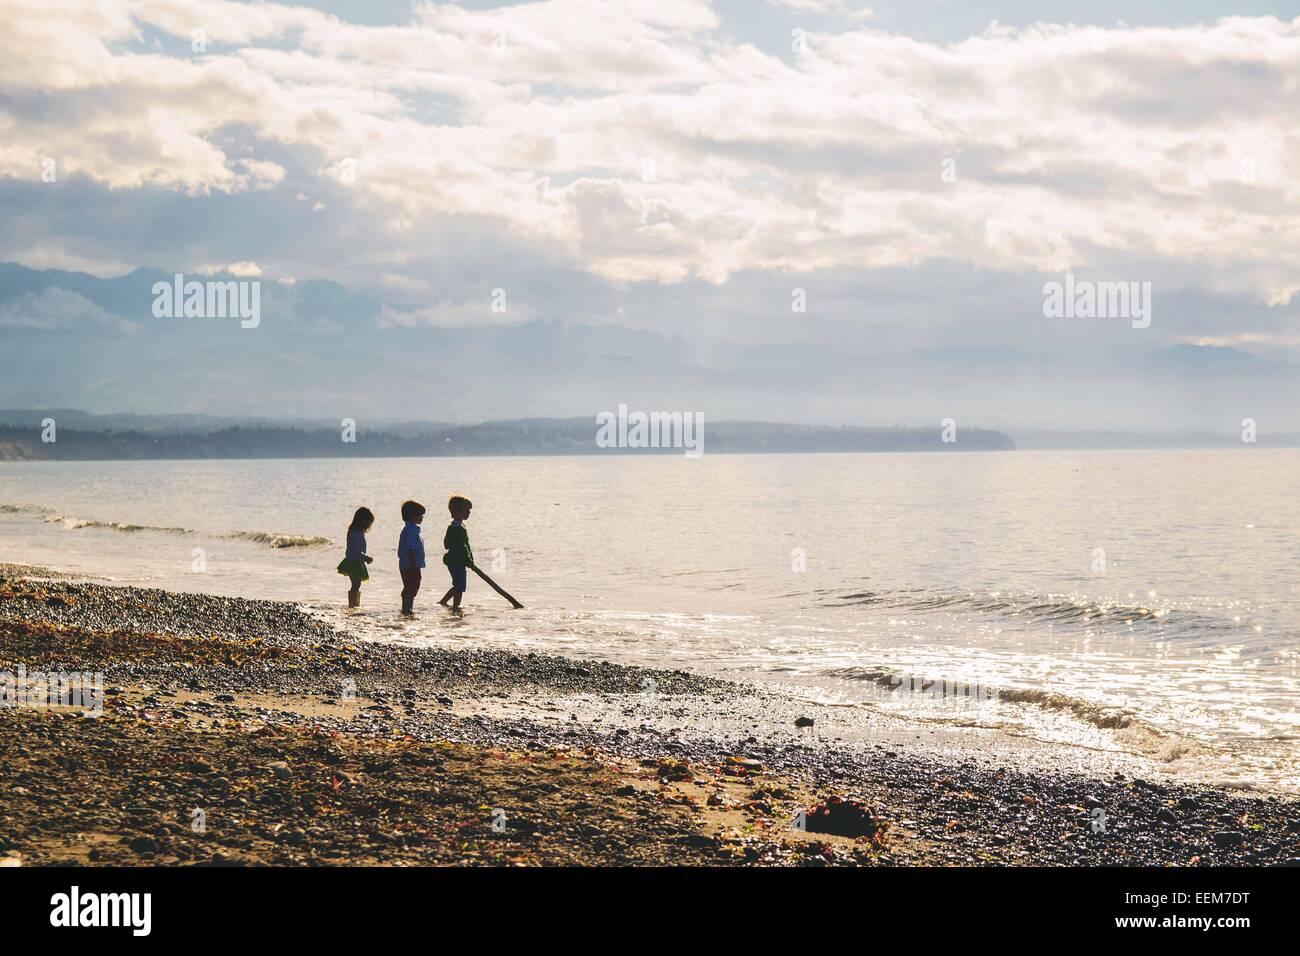 Drei Kinder (2-3, 4-5) stehen in der Silhouette am Strand Stockfoto